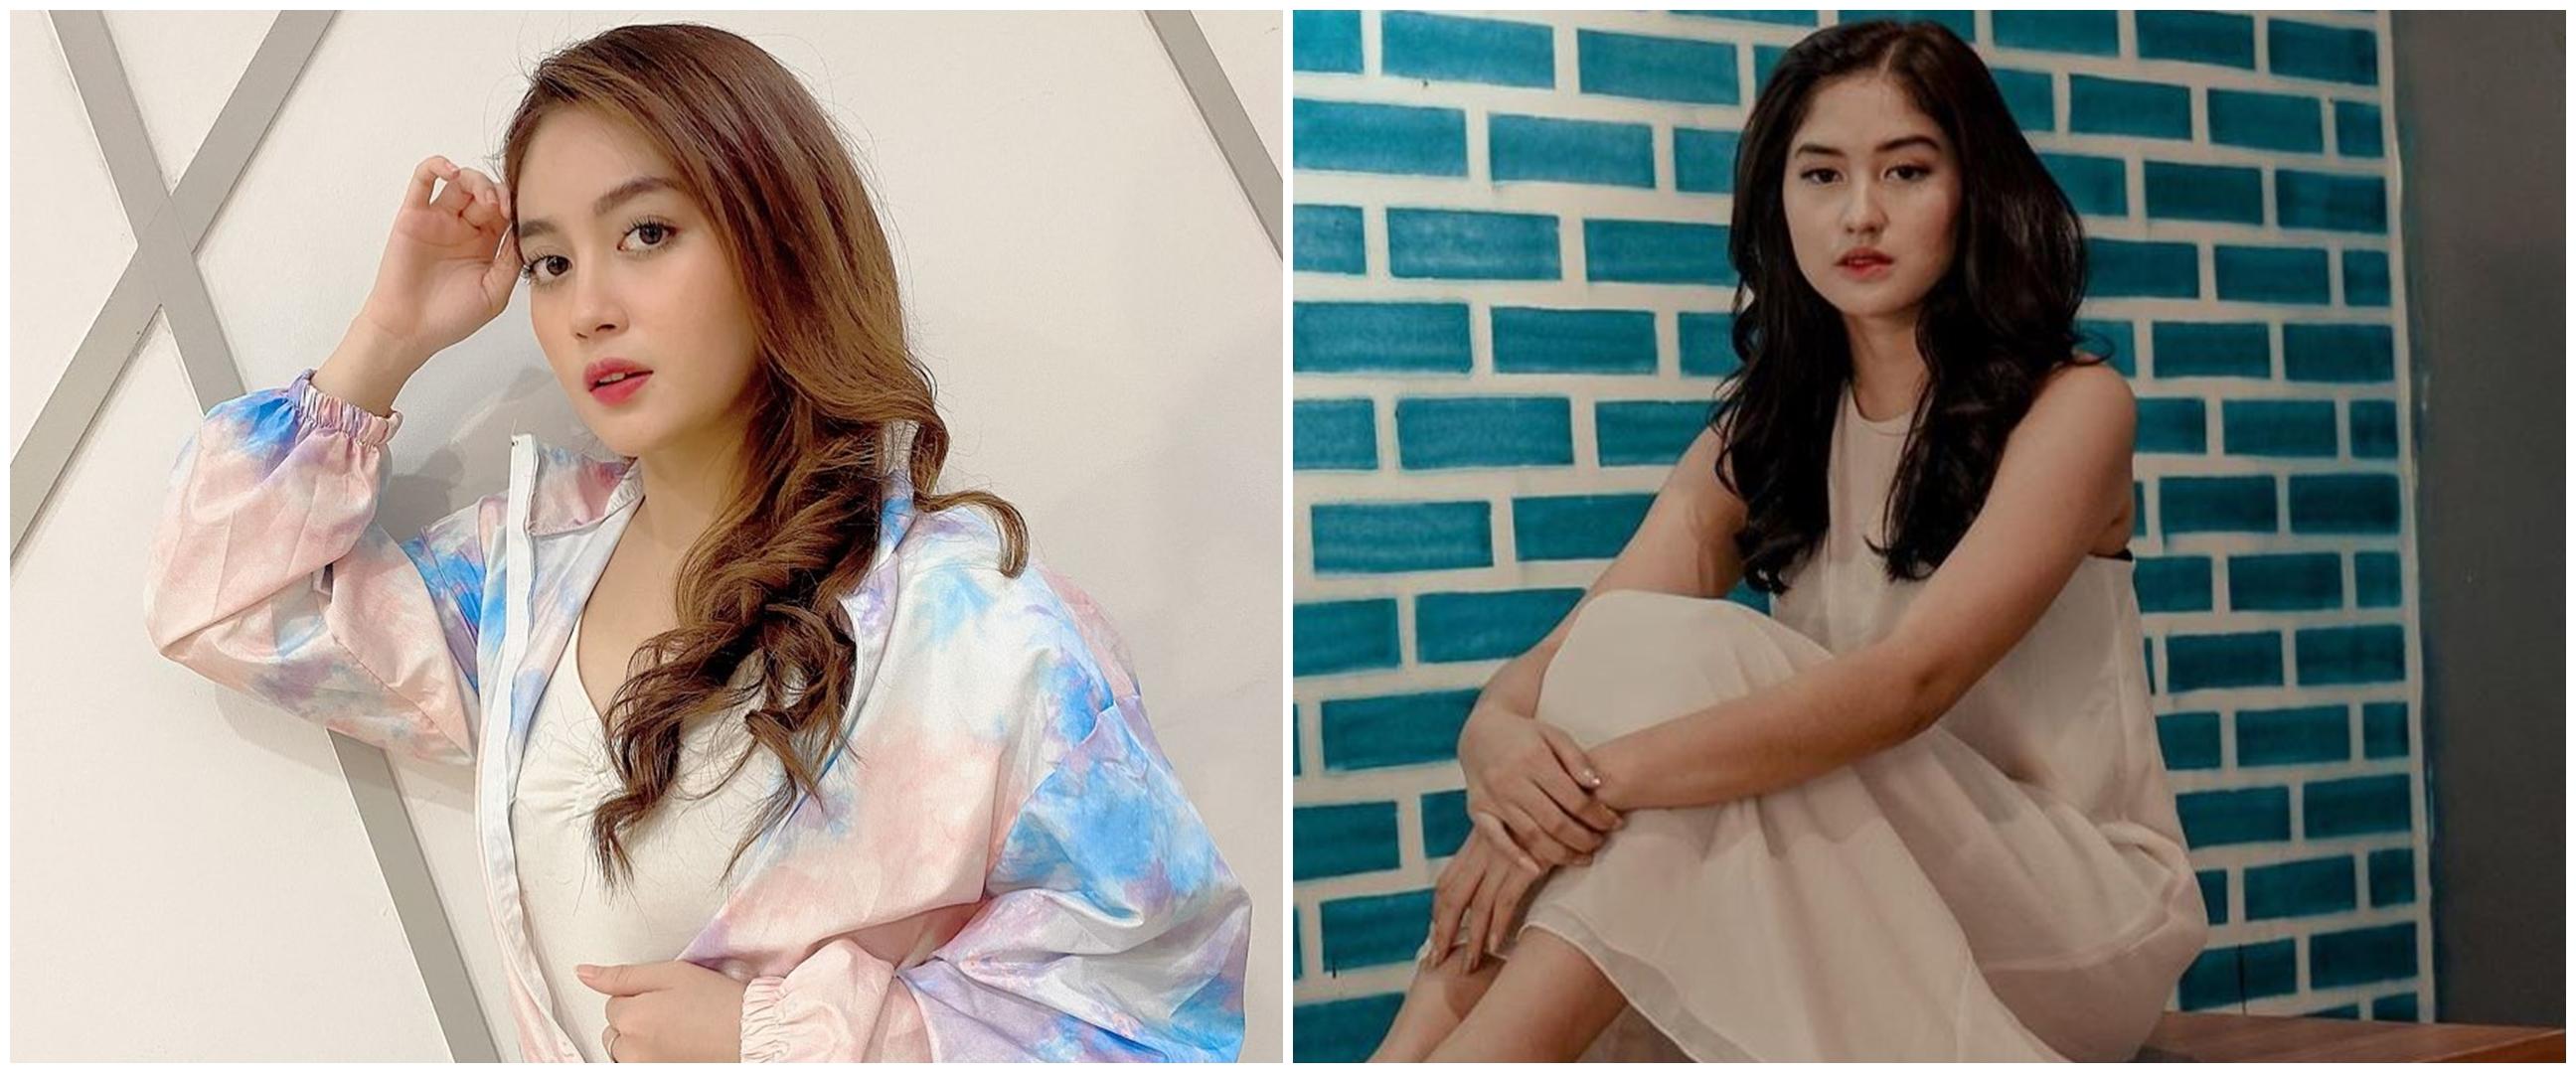 Potret masa kecil 10 eks personel JKT48, cantik dan gemesin abis